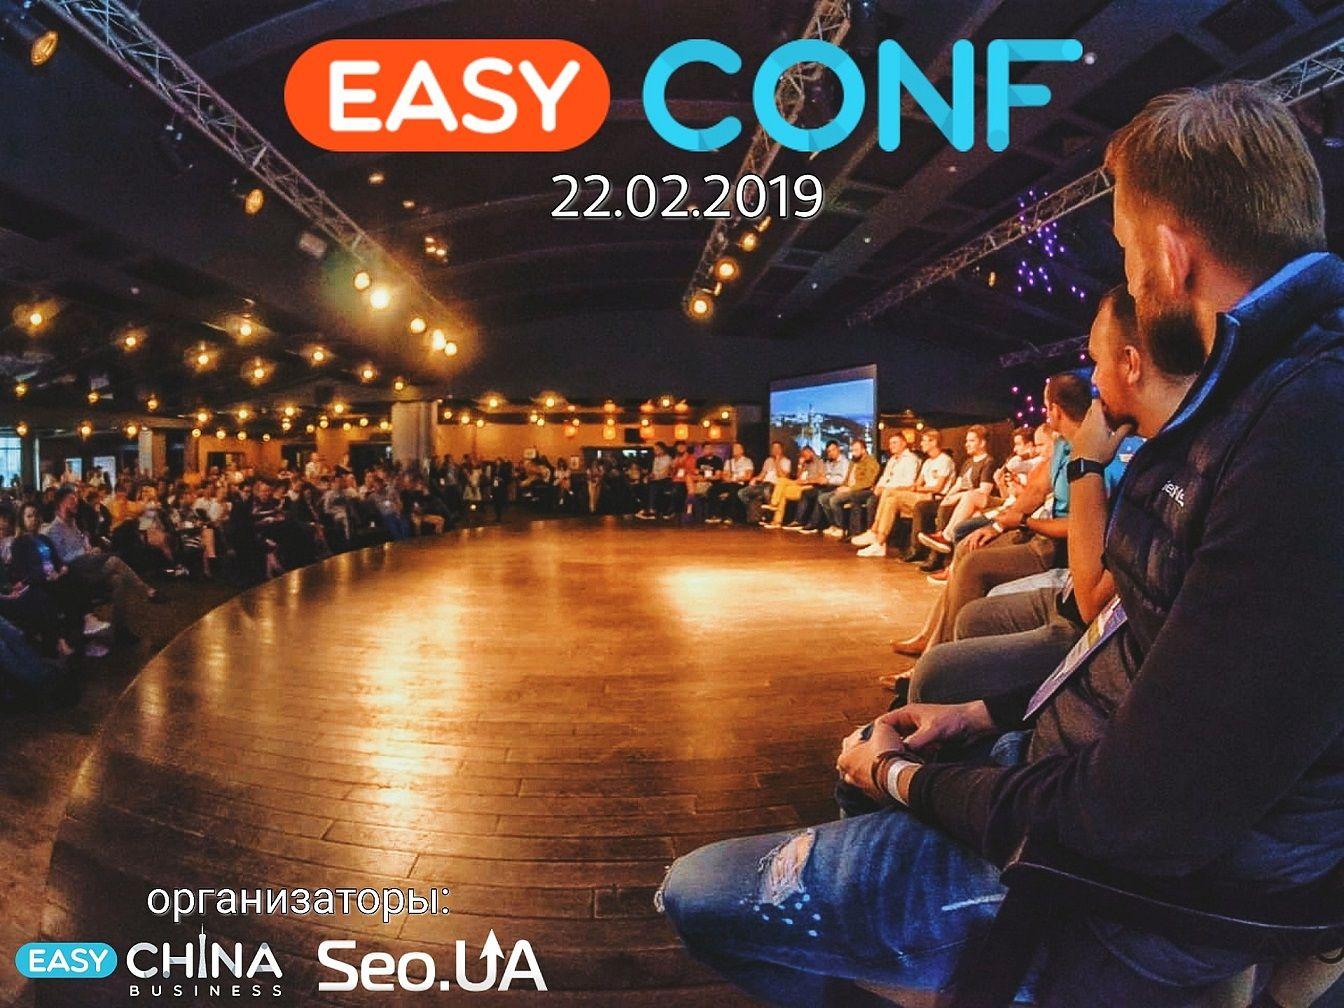 Масштабная международная конференция по товарному бизнесу EasyConf